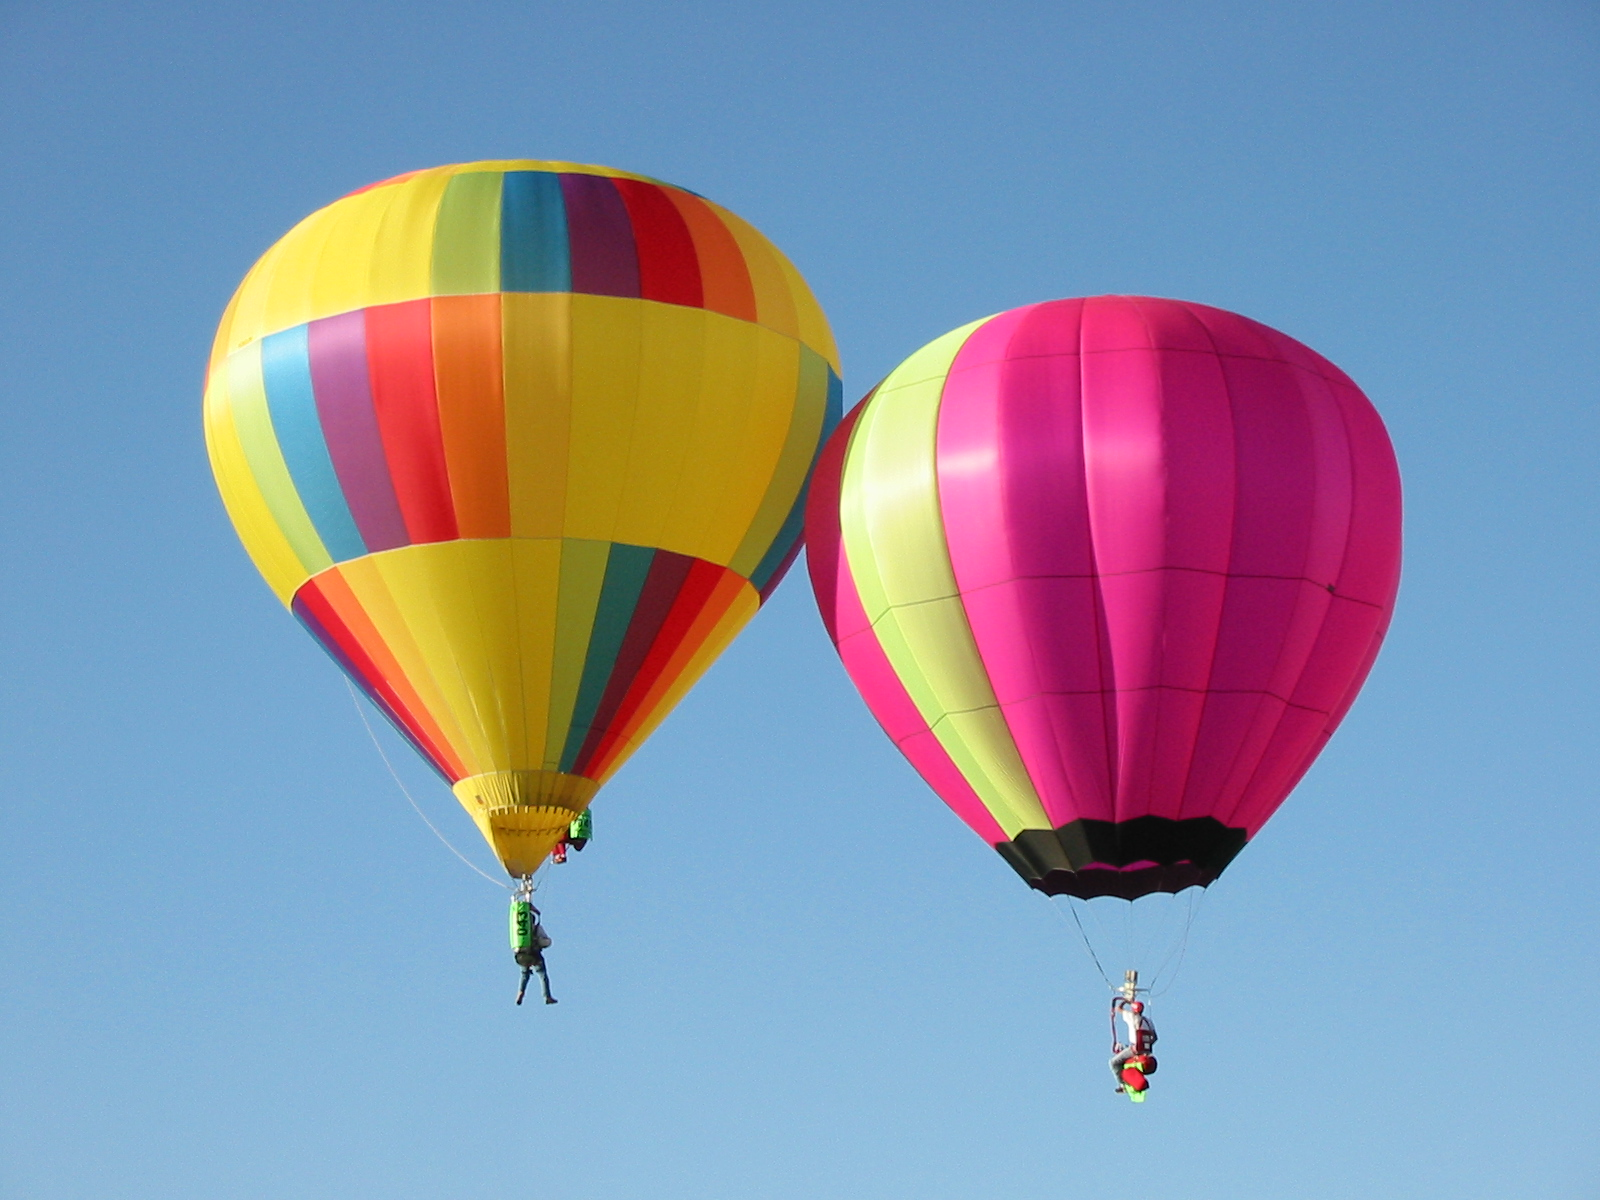 Hot Air Balloons - Lessons - Tes Teach